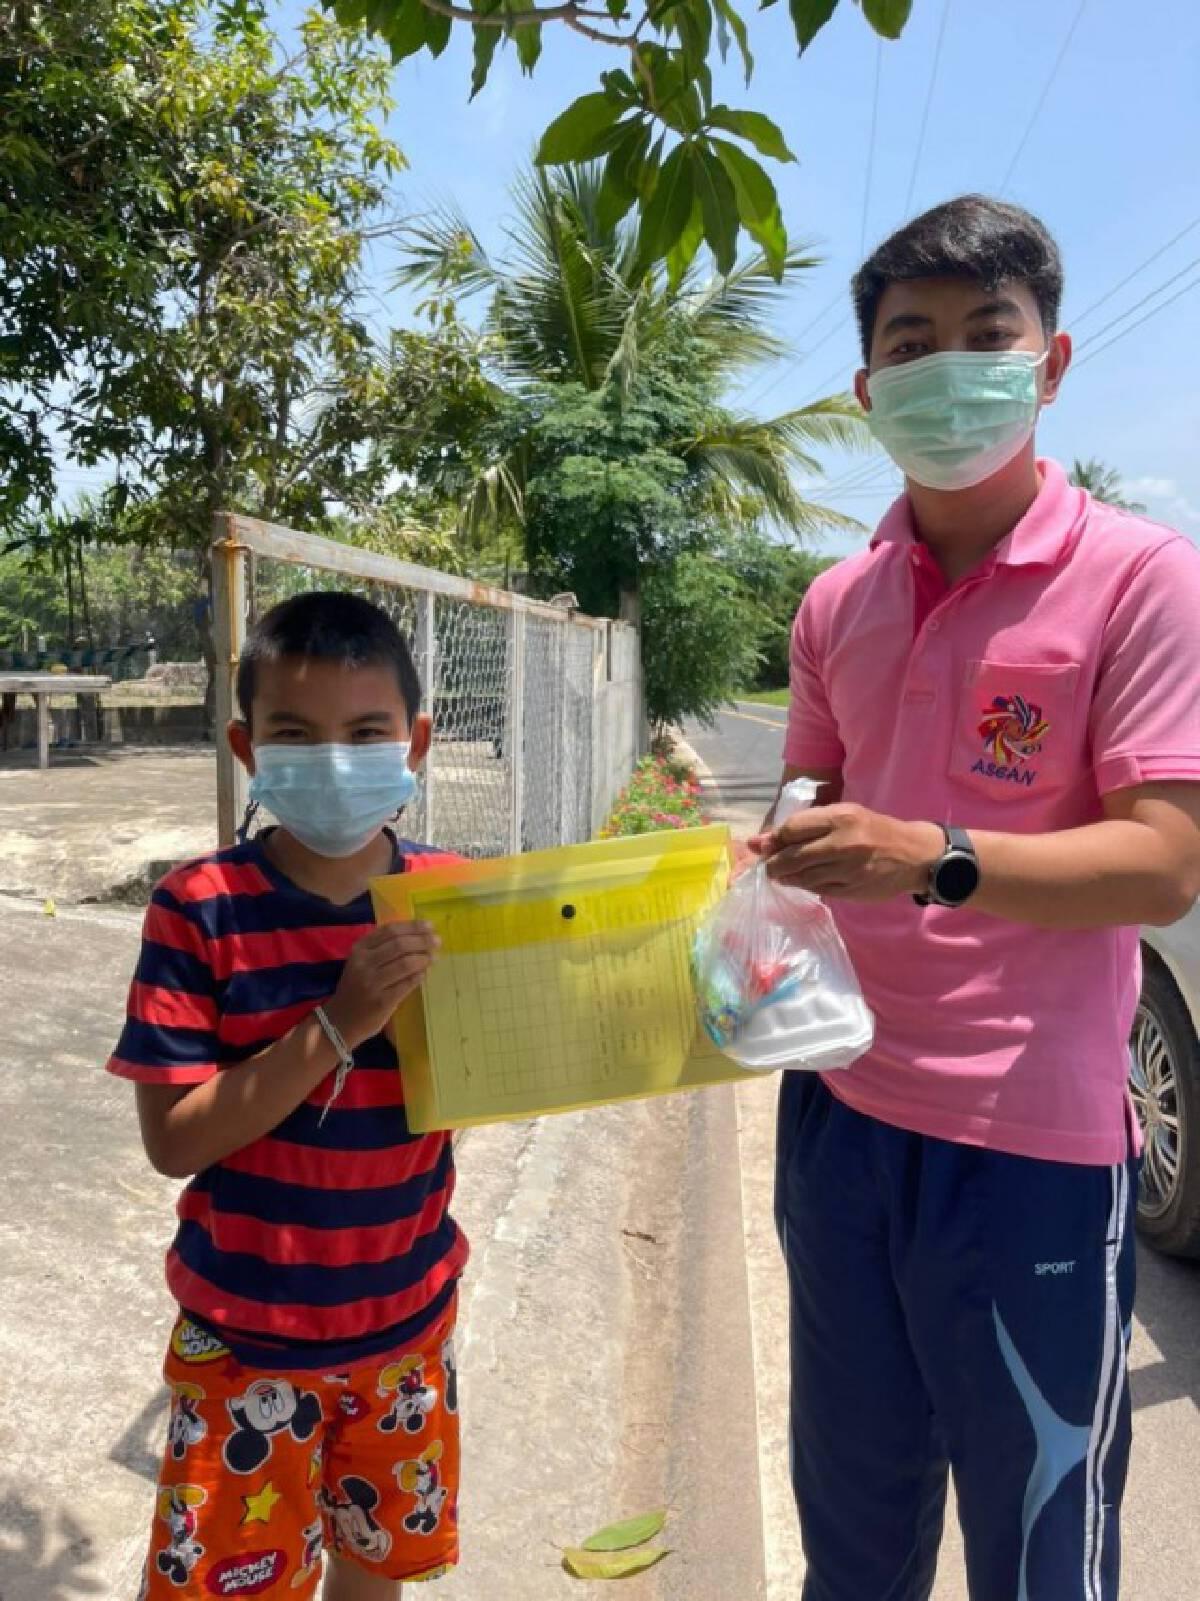 ปิดโรงเรียนประถมบ้านอะลางหลังเด็กอนุบาลสัมผัสผู้ป่วยโควิด